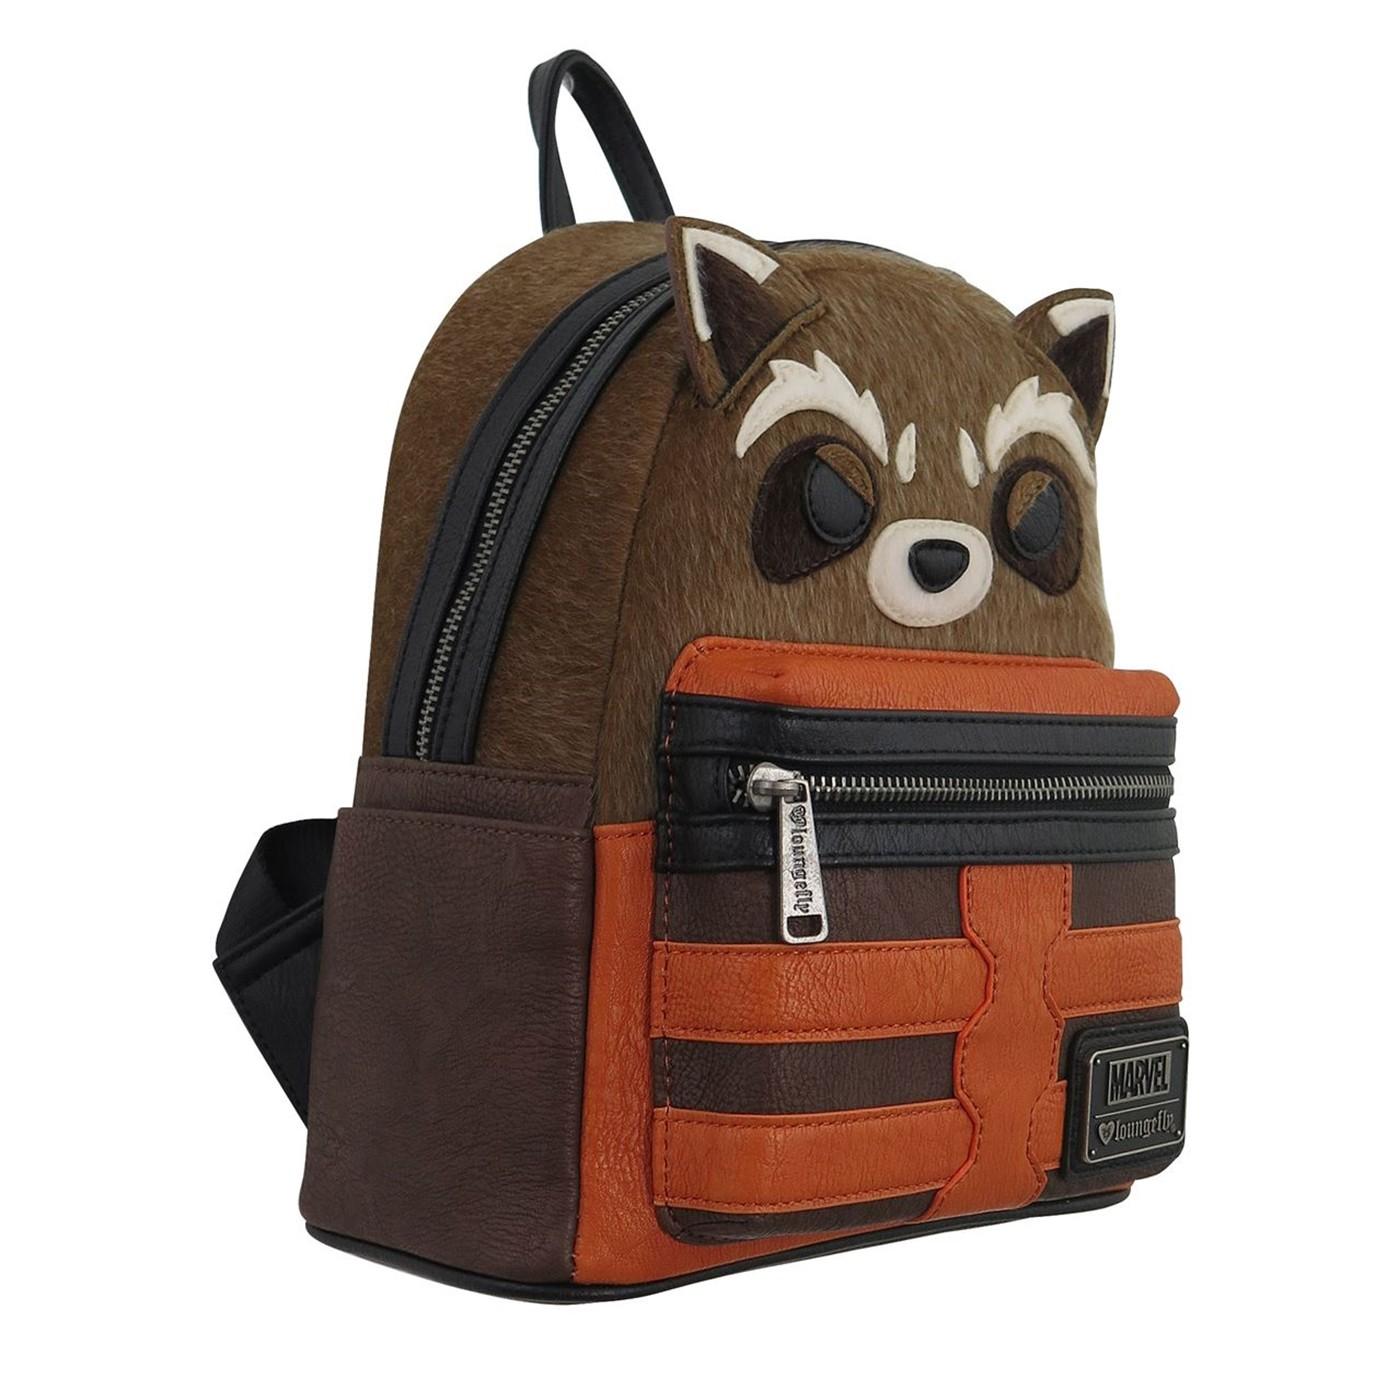 GOTG Rocket Raccoon Loungefly Mini Backpack